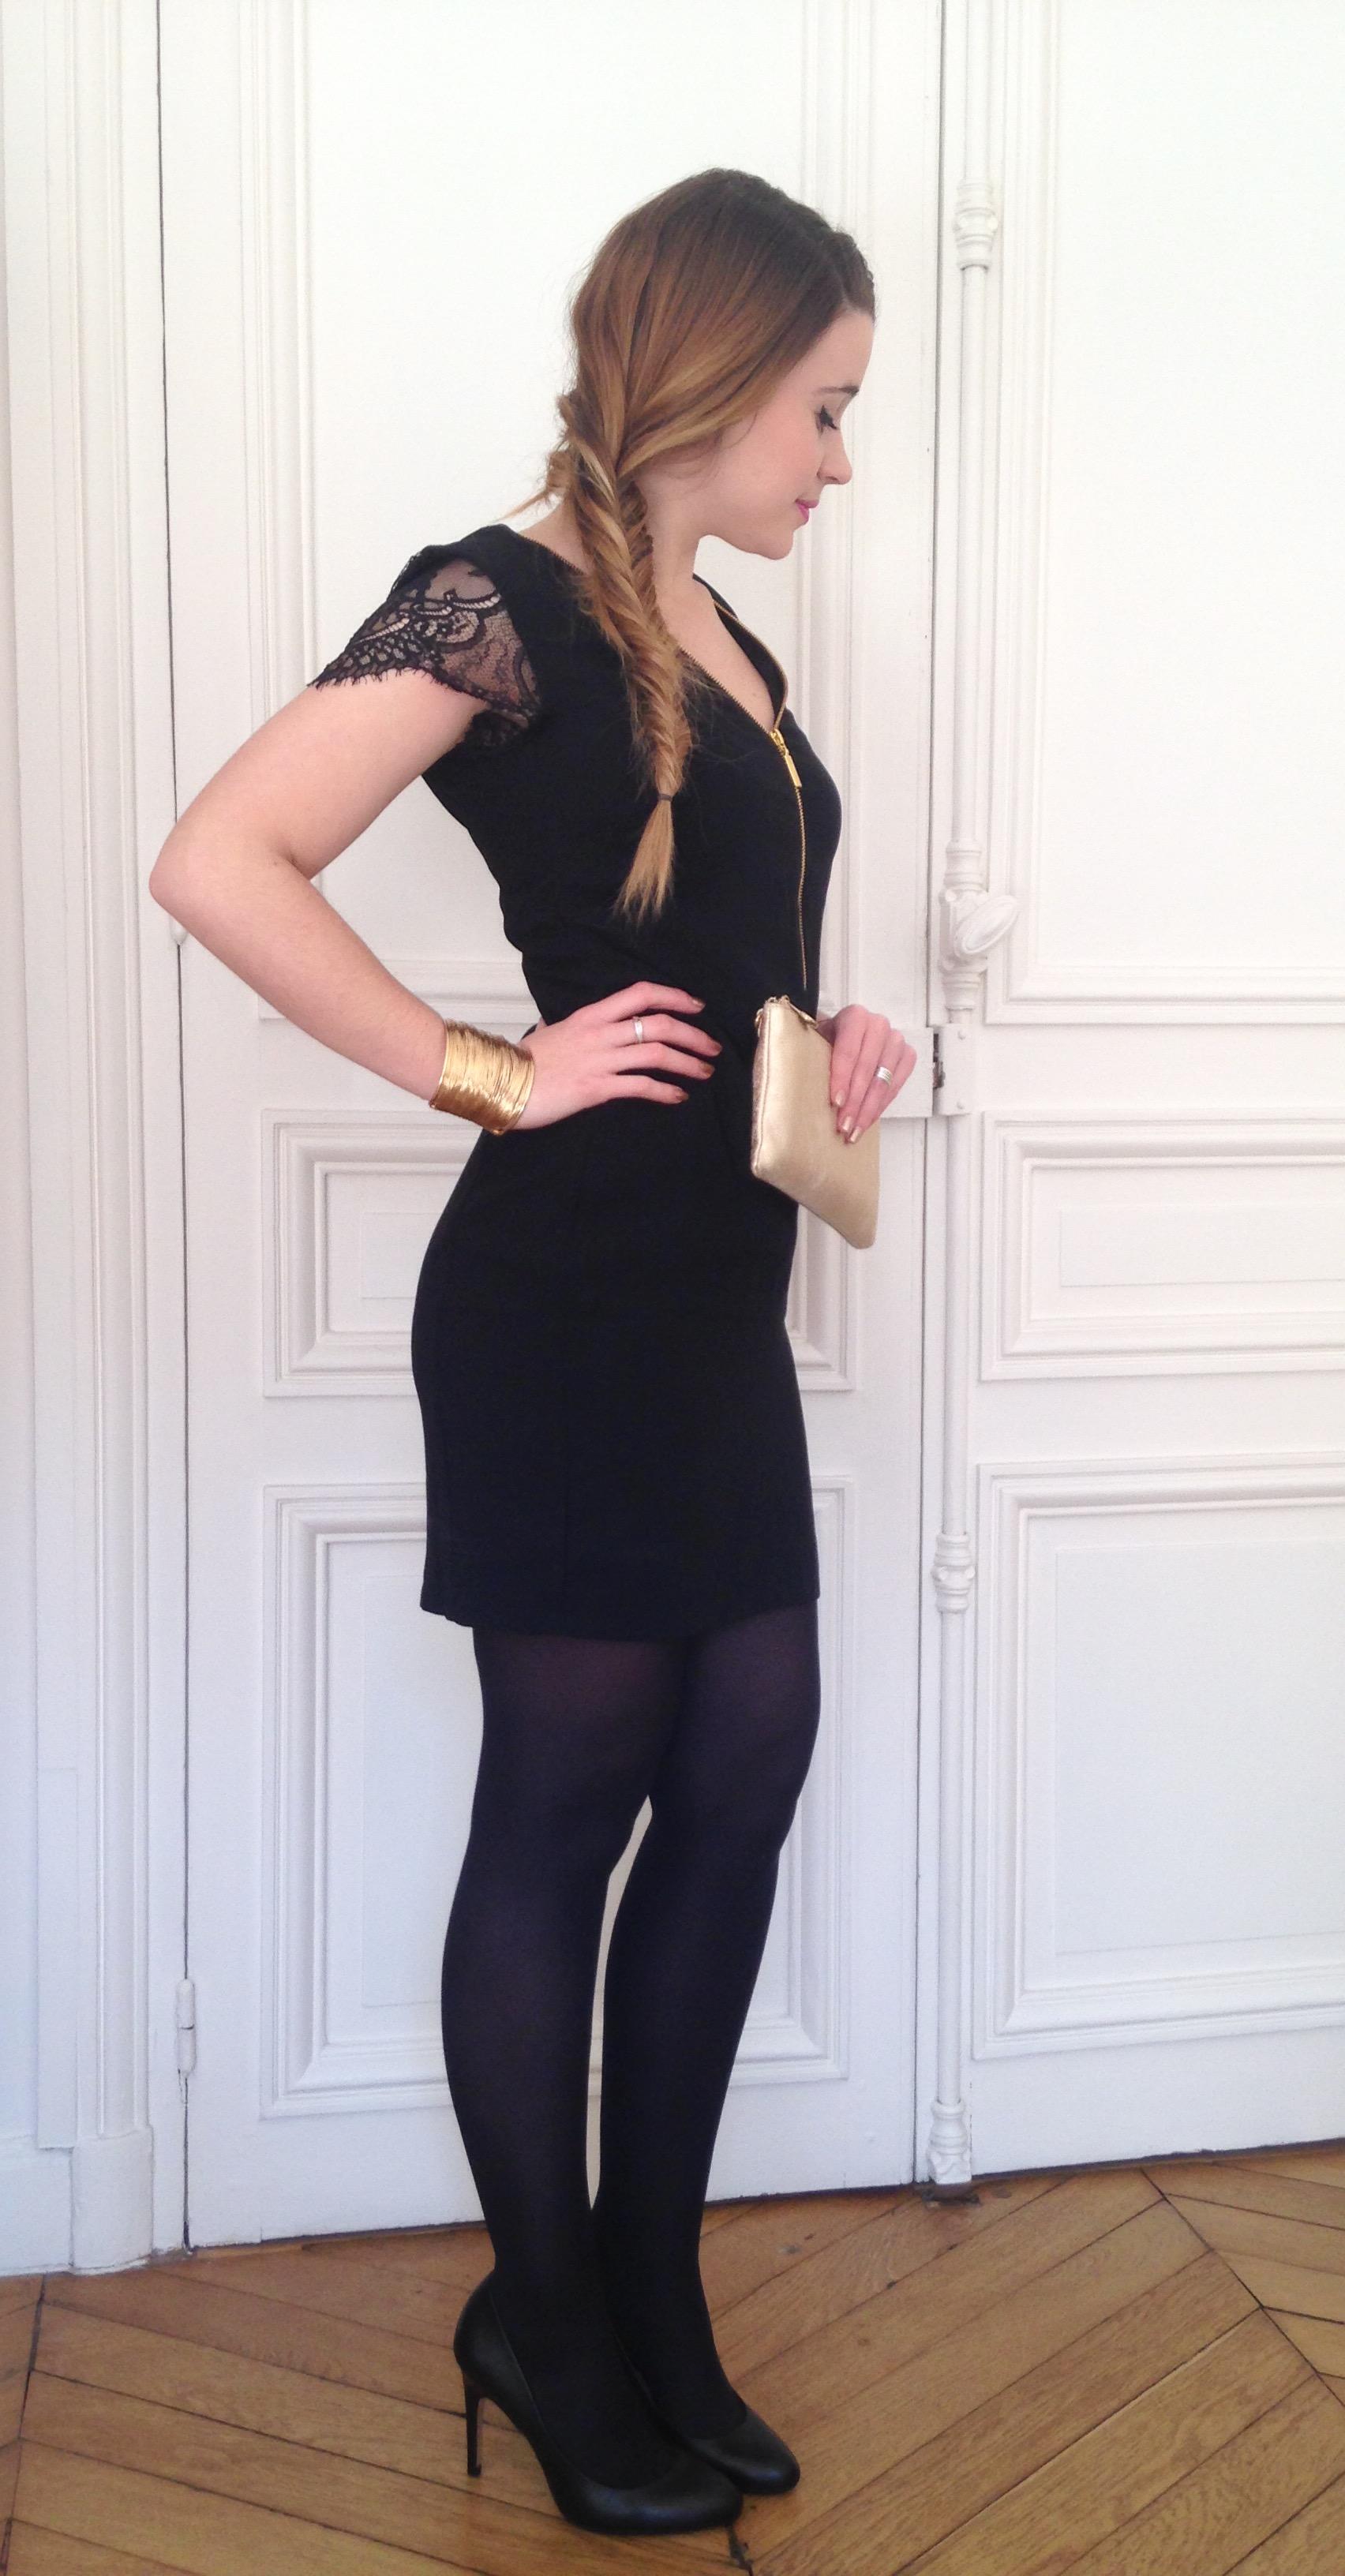 Ide De Tenue Pour La Saint Valentin Beaute Mode